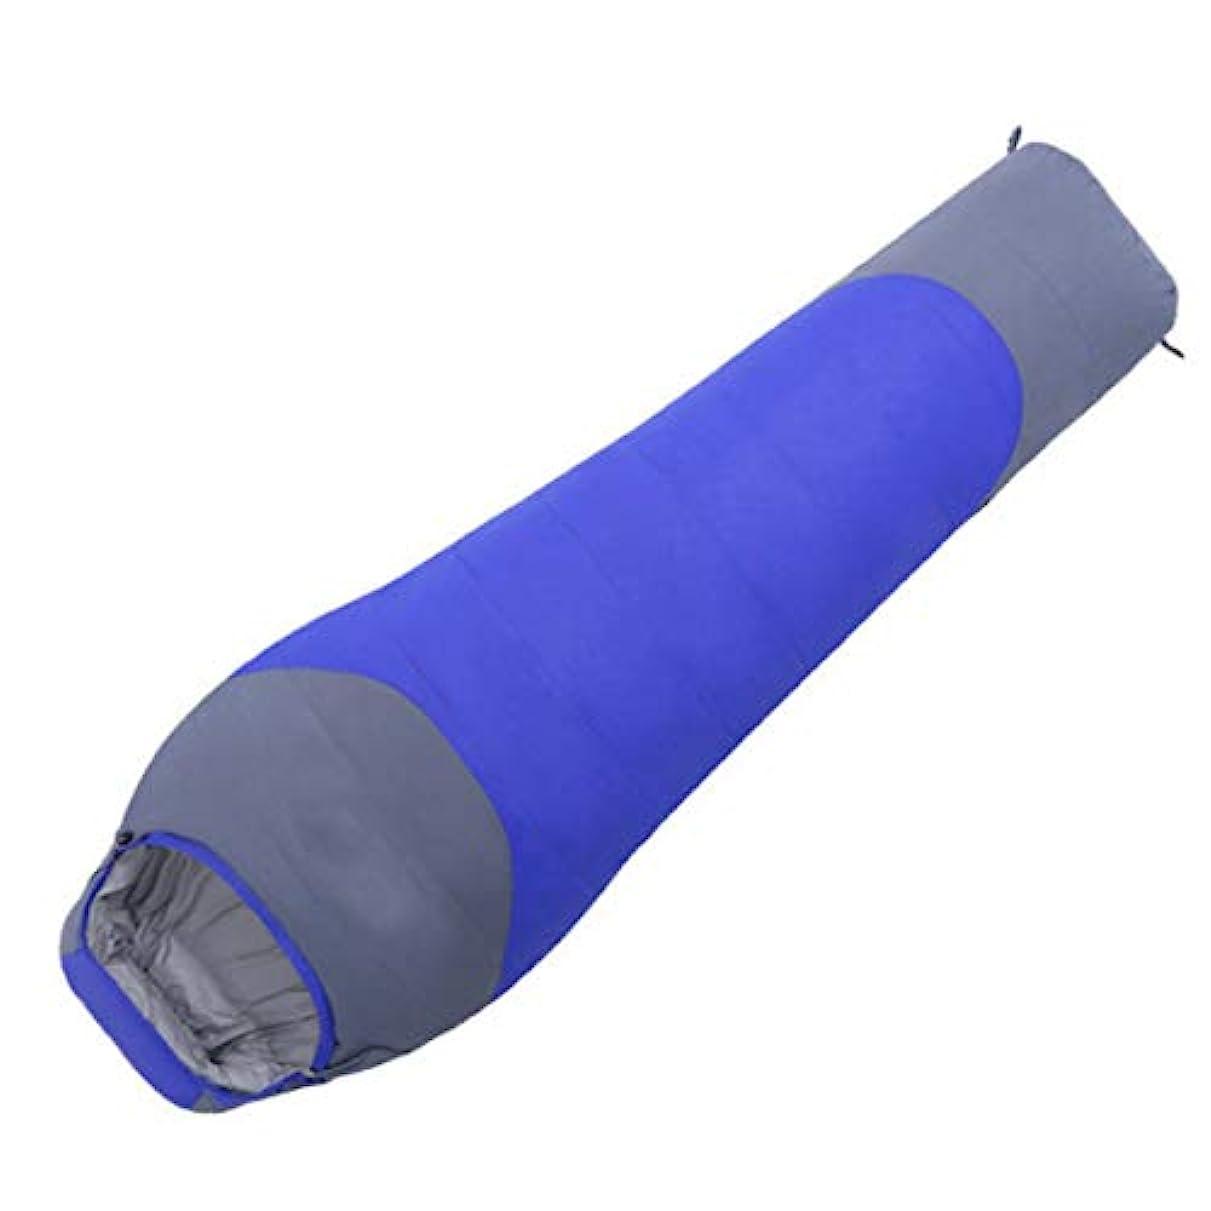 状況方法アラスカ随州高新区酷冰便利购物店 秋と冬のアウトドアシングルダウン寝袋は、寝袋を下にスプライスすることができます (色 : ブルー)